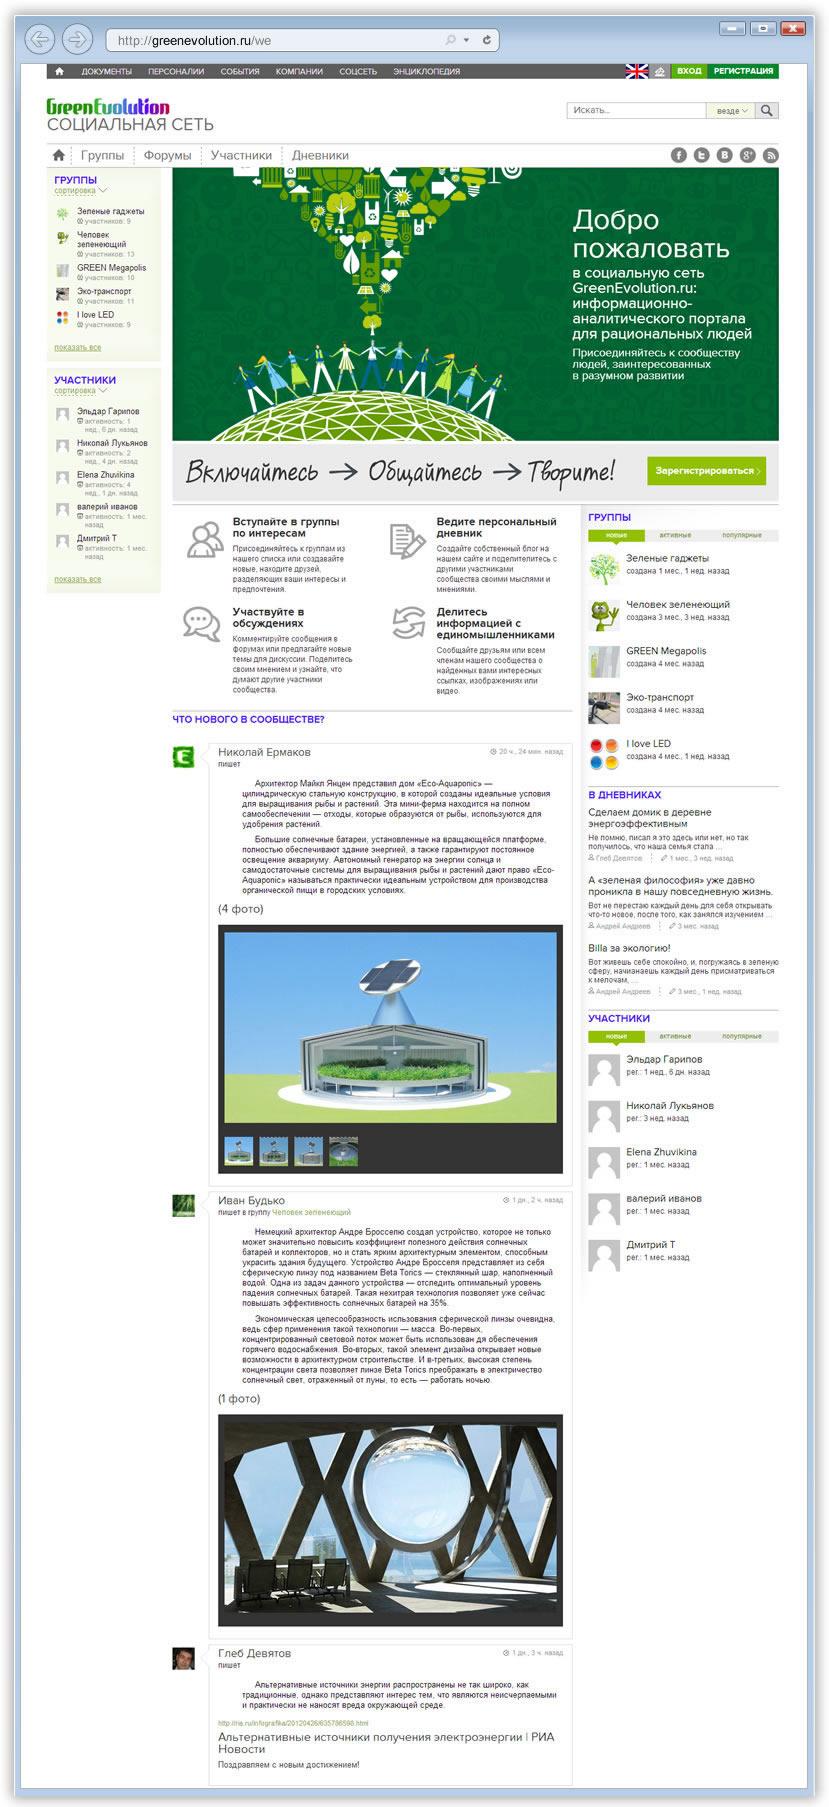 Главная страница социального модуля с лентой активности членов сети.